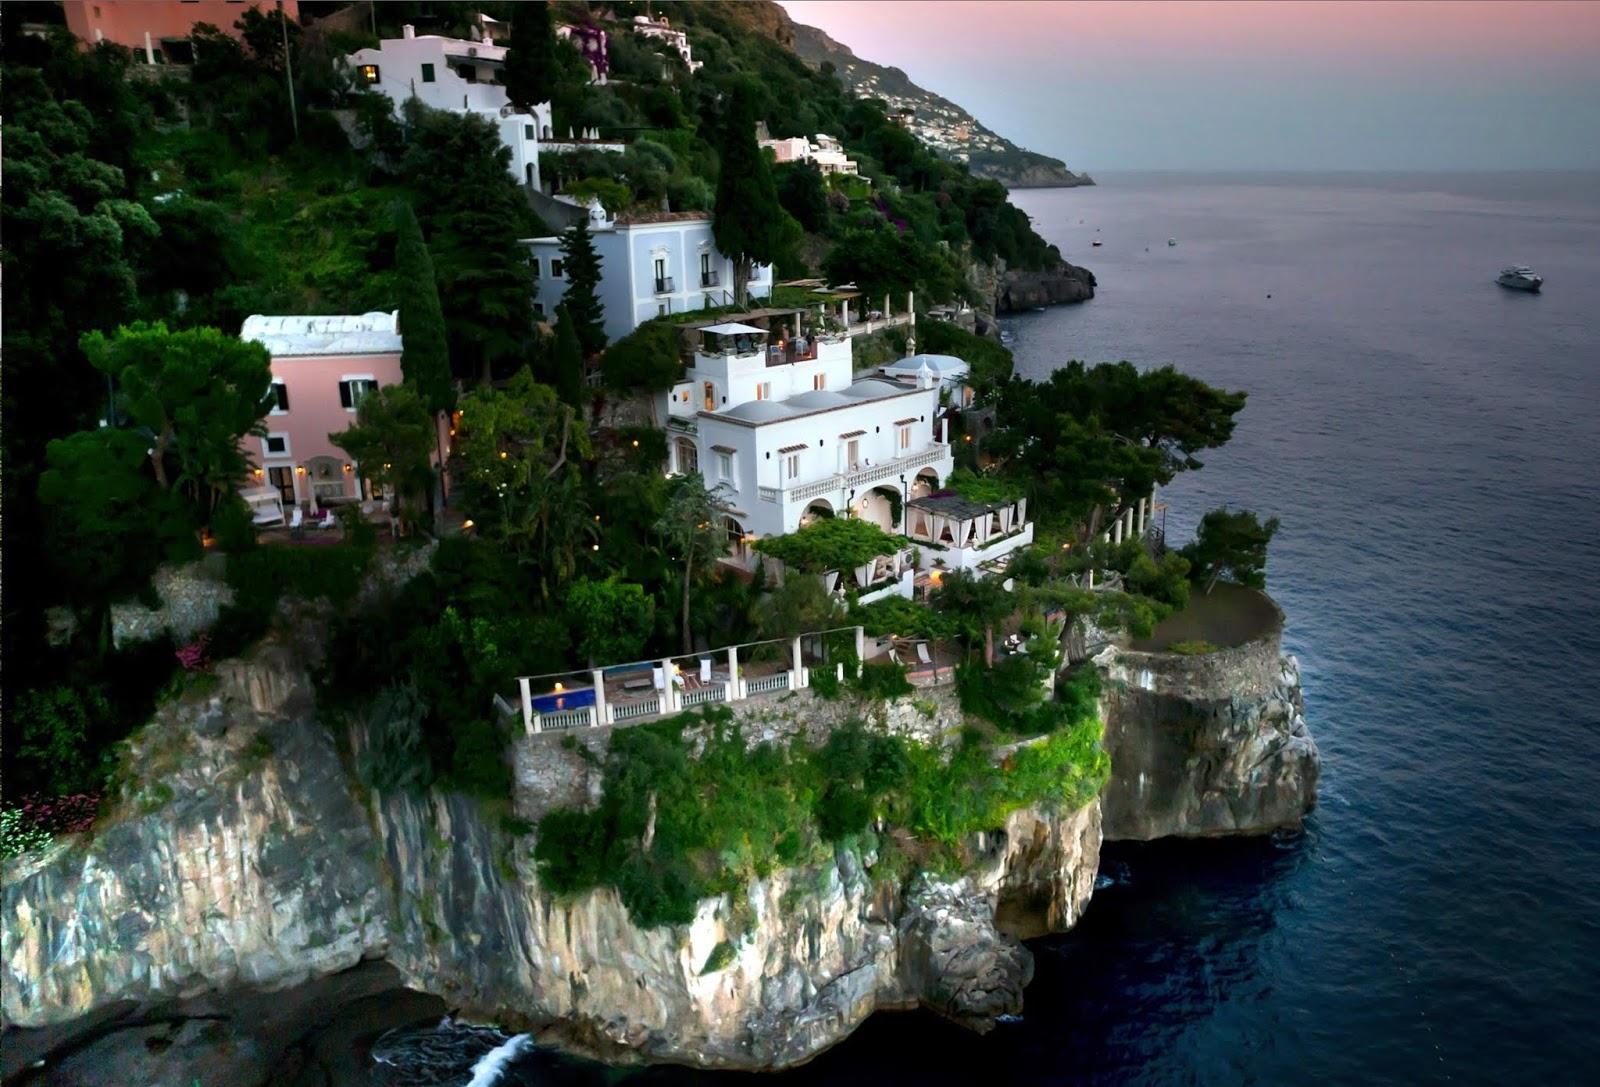 אחוזת הנופשVilla Treville, בחוף Amalfi שבאיטליה